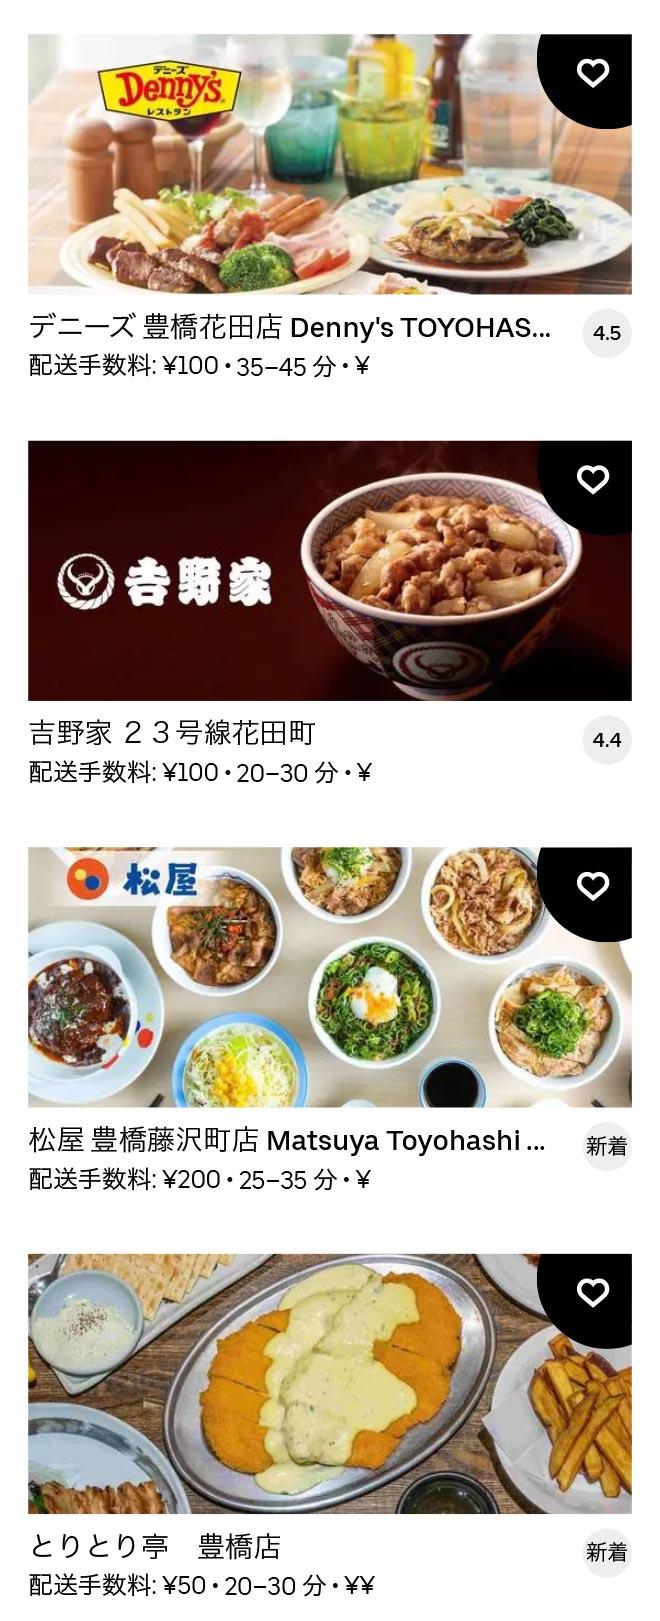 Toyohashi menu 2012 03